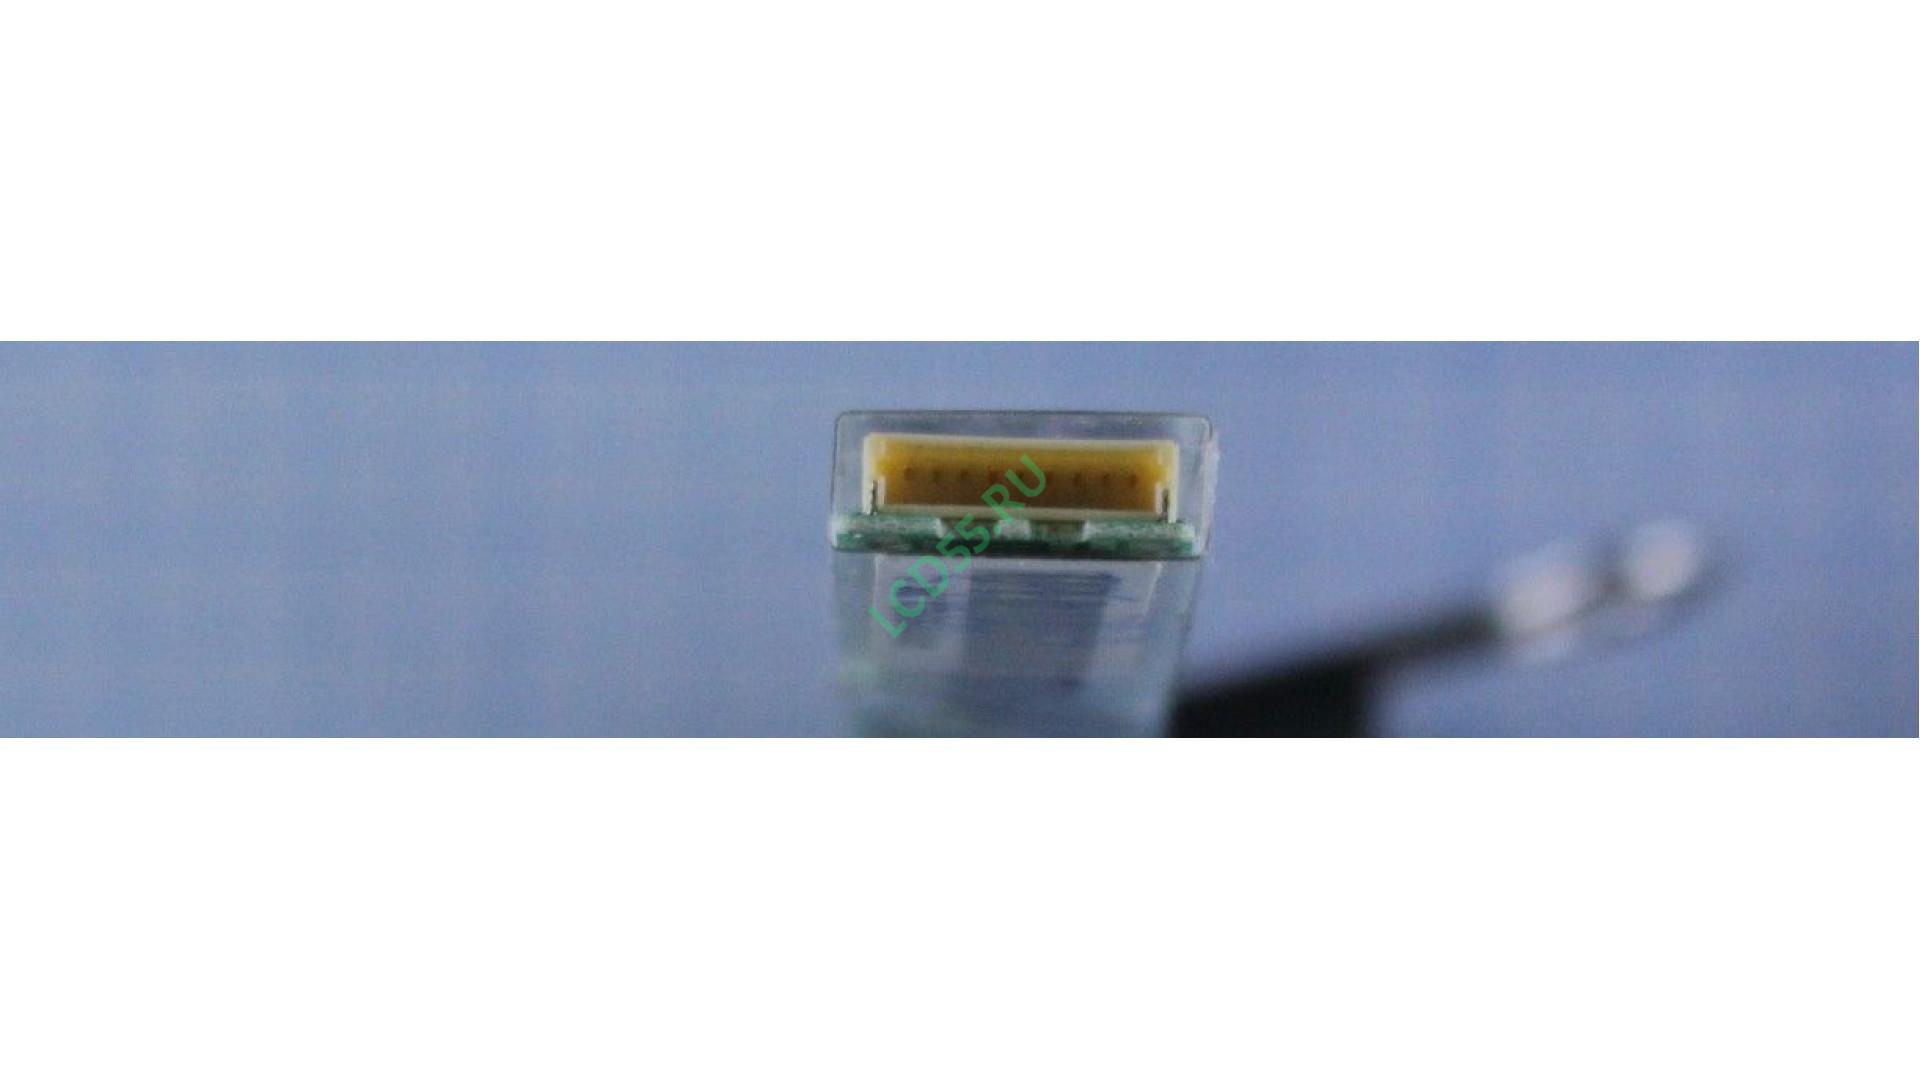 Инвертор Toshiba Satellite S2410, SA50, A50,  A55, A40, A45, A60, Portege S100, Tecra M2